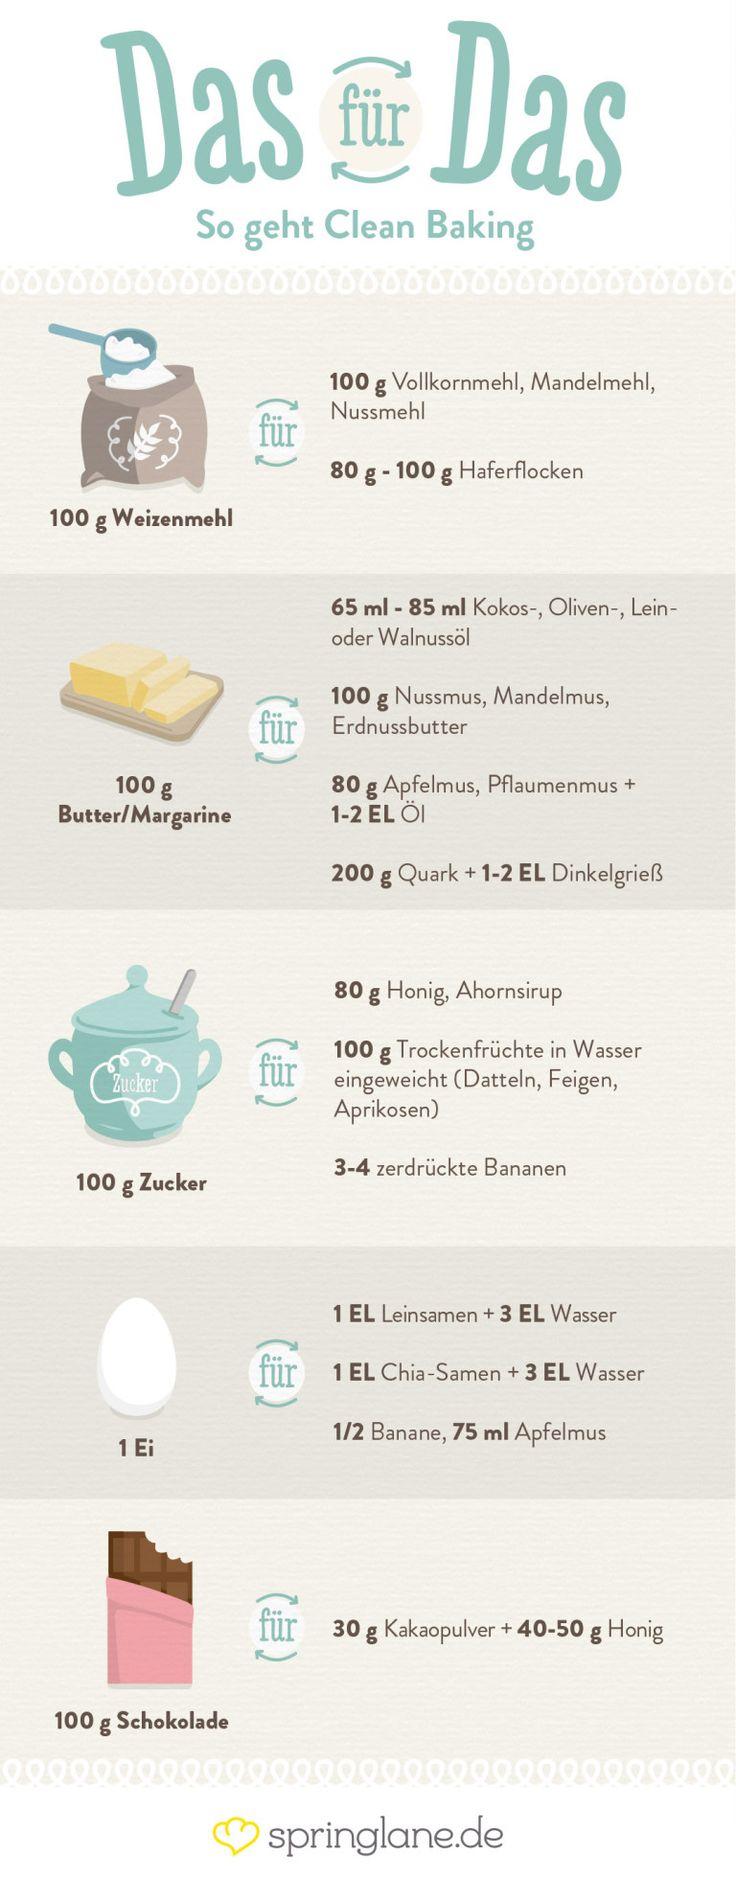 So ersetzt du die klassischen Zutaten beim Clean Baking